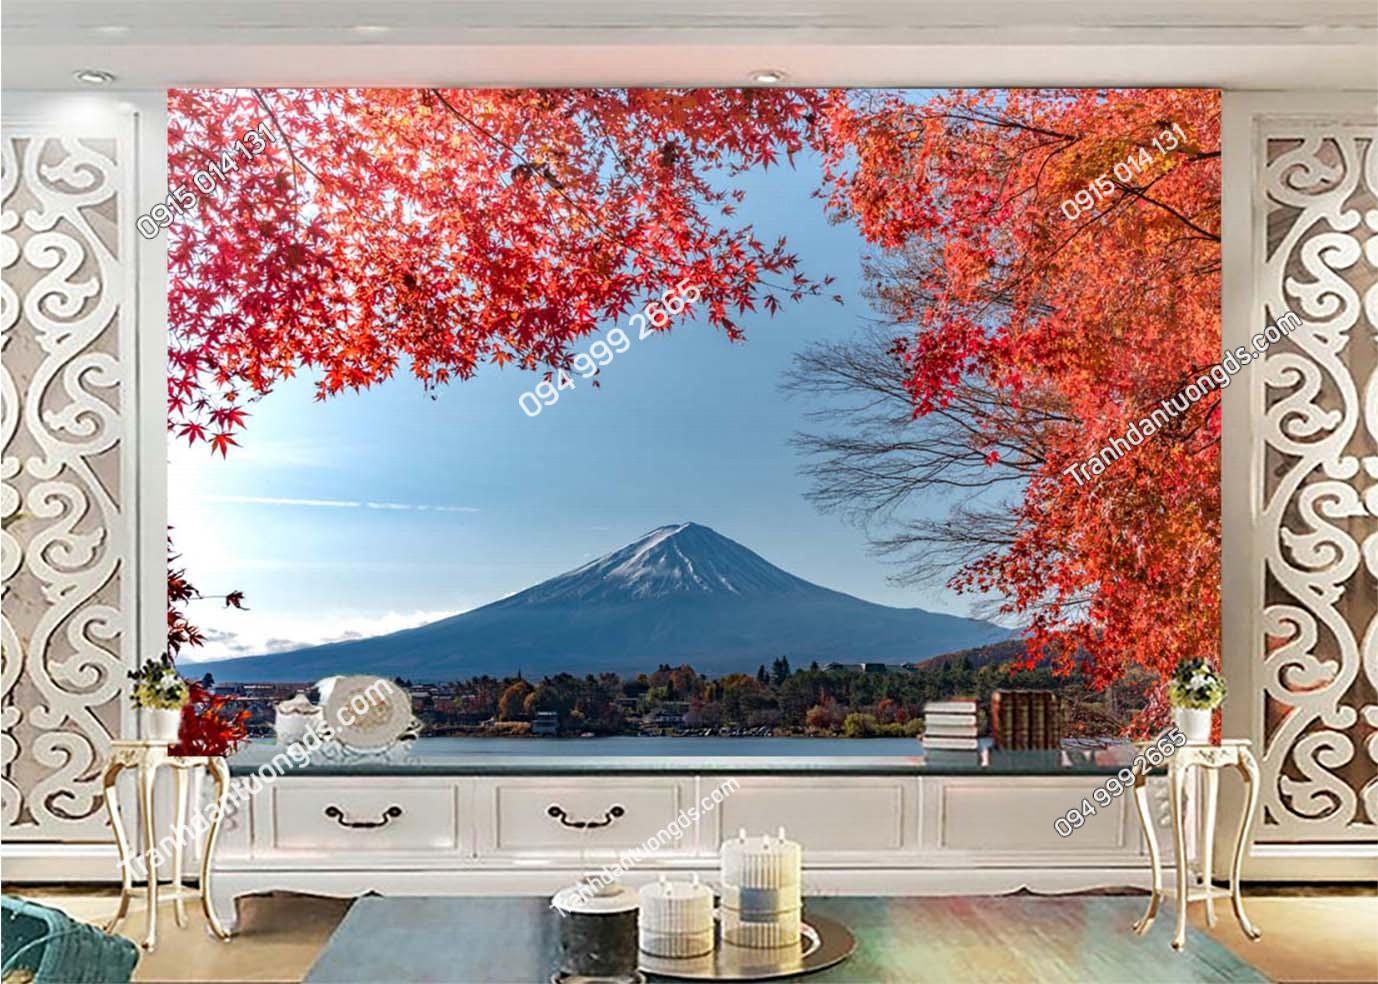 Tranh tường lá đỏ Nhật Bản -DAOMAI9